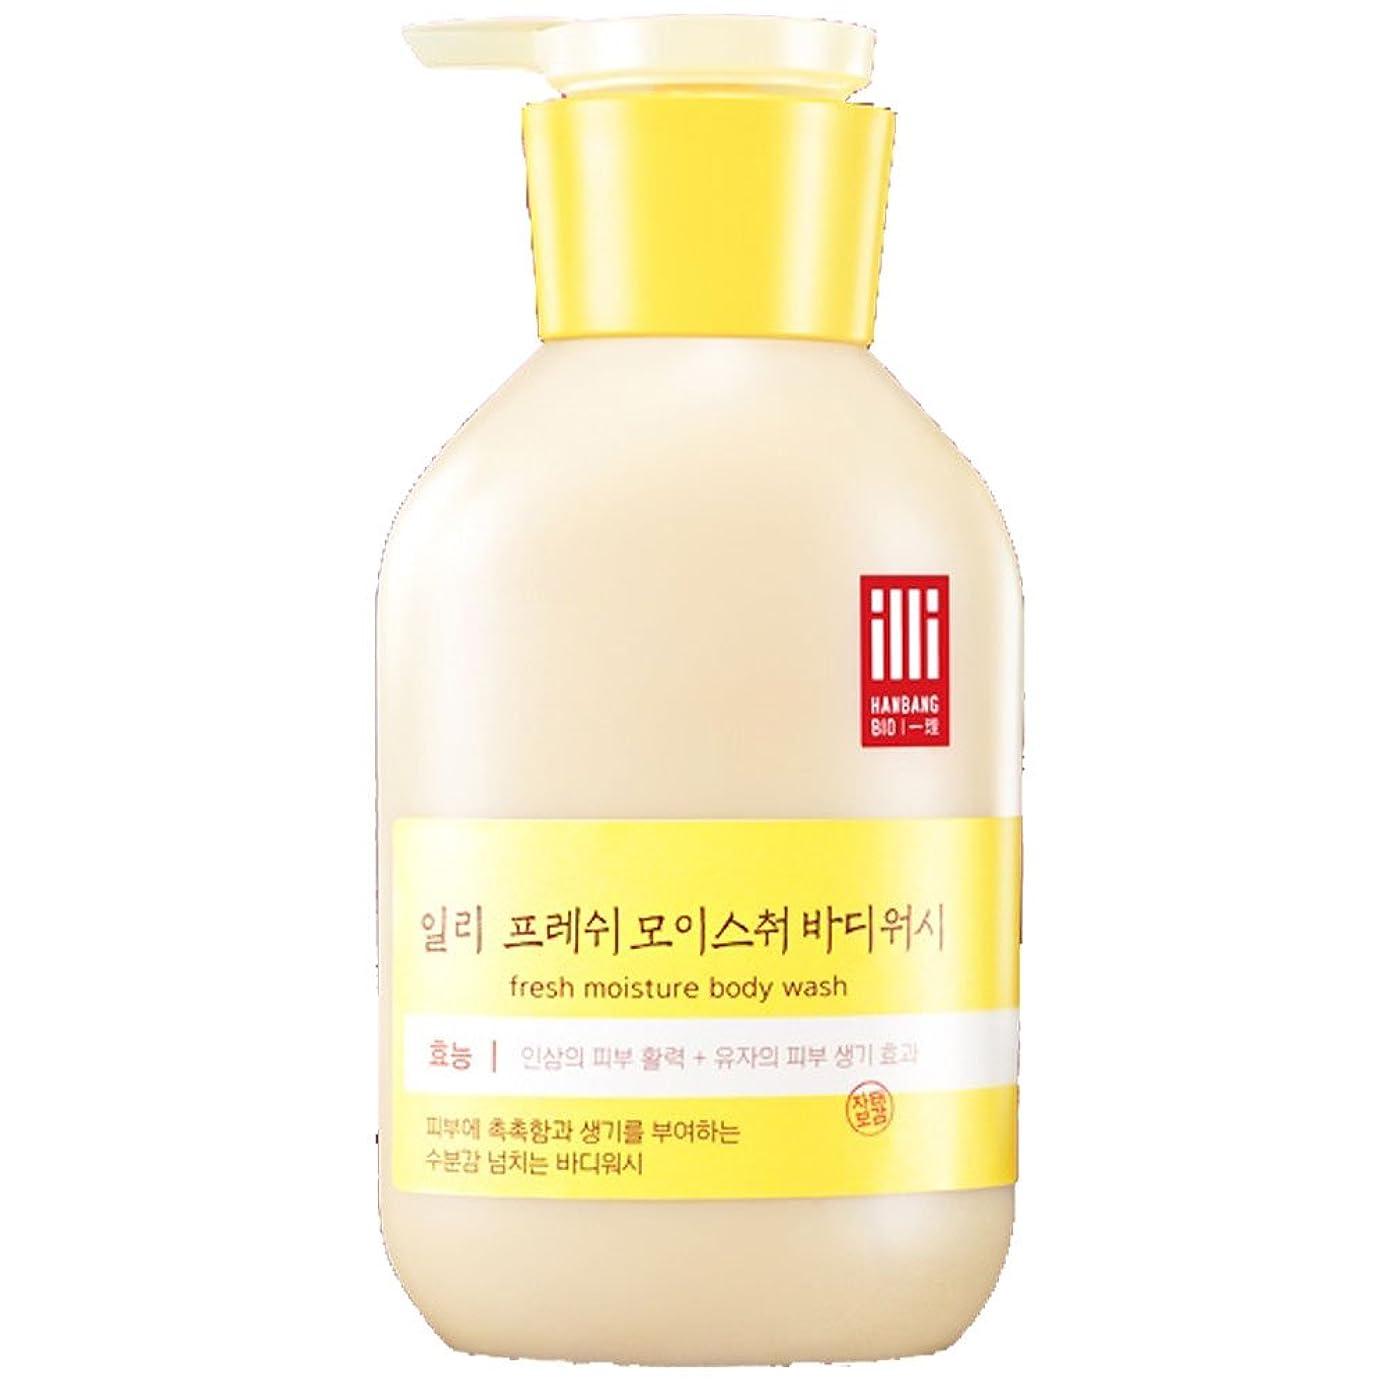 腫瘍再生的公平な(アモーレパシフィック ) Amore Pacific illi Fresh Moisture Body lotion 新鮮な水分ボディローション 350ml  (海外直送品)